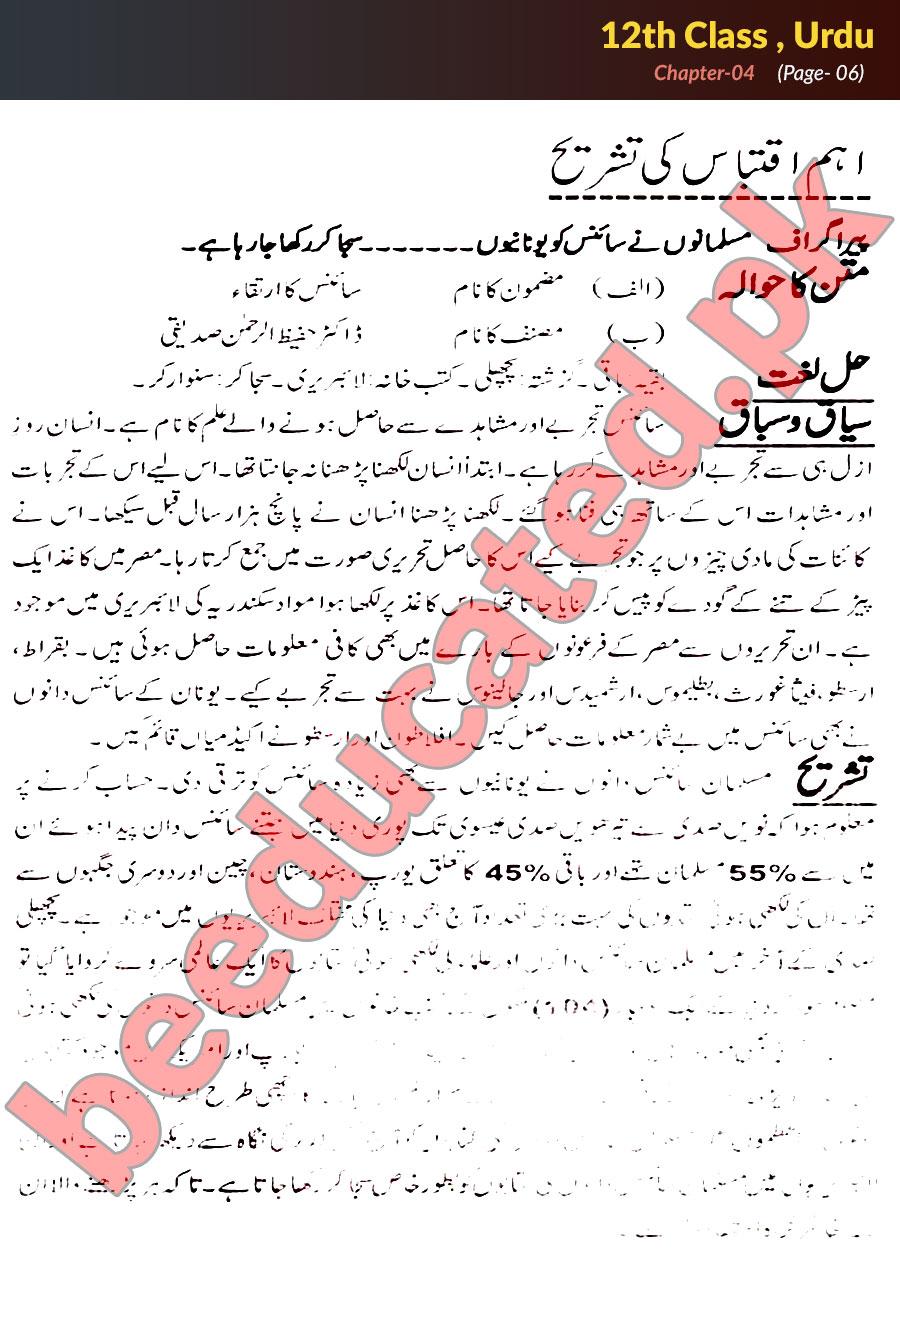 Chapter 4 Urdu FSc Part 2 Notes - Inter Part 2 Notes